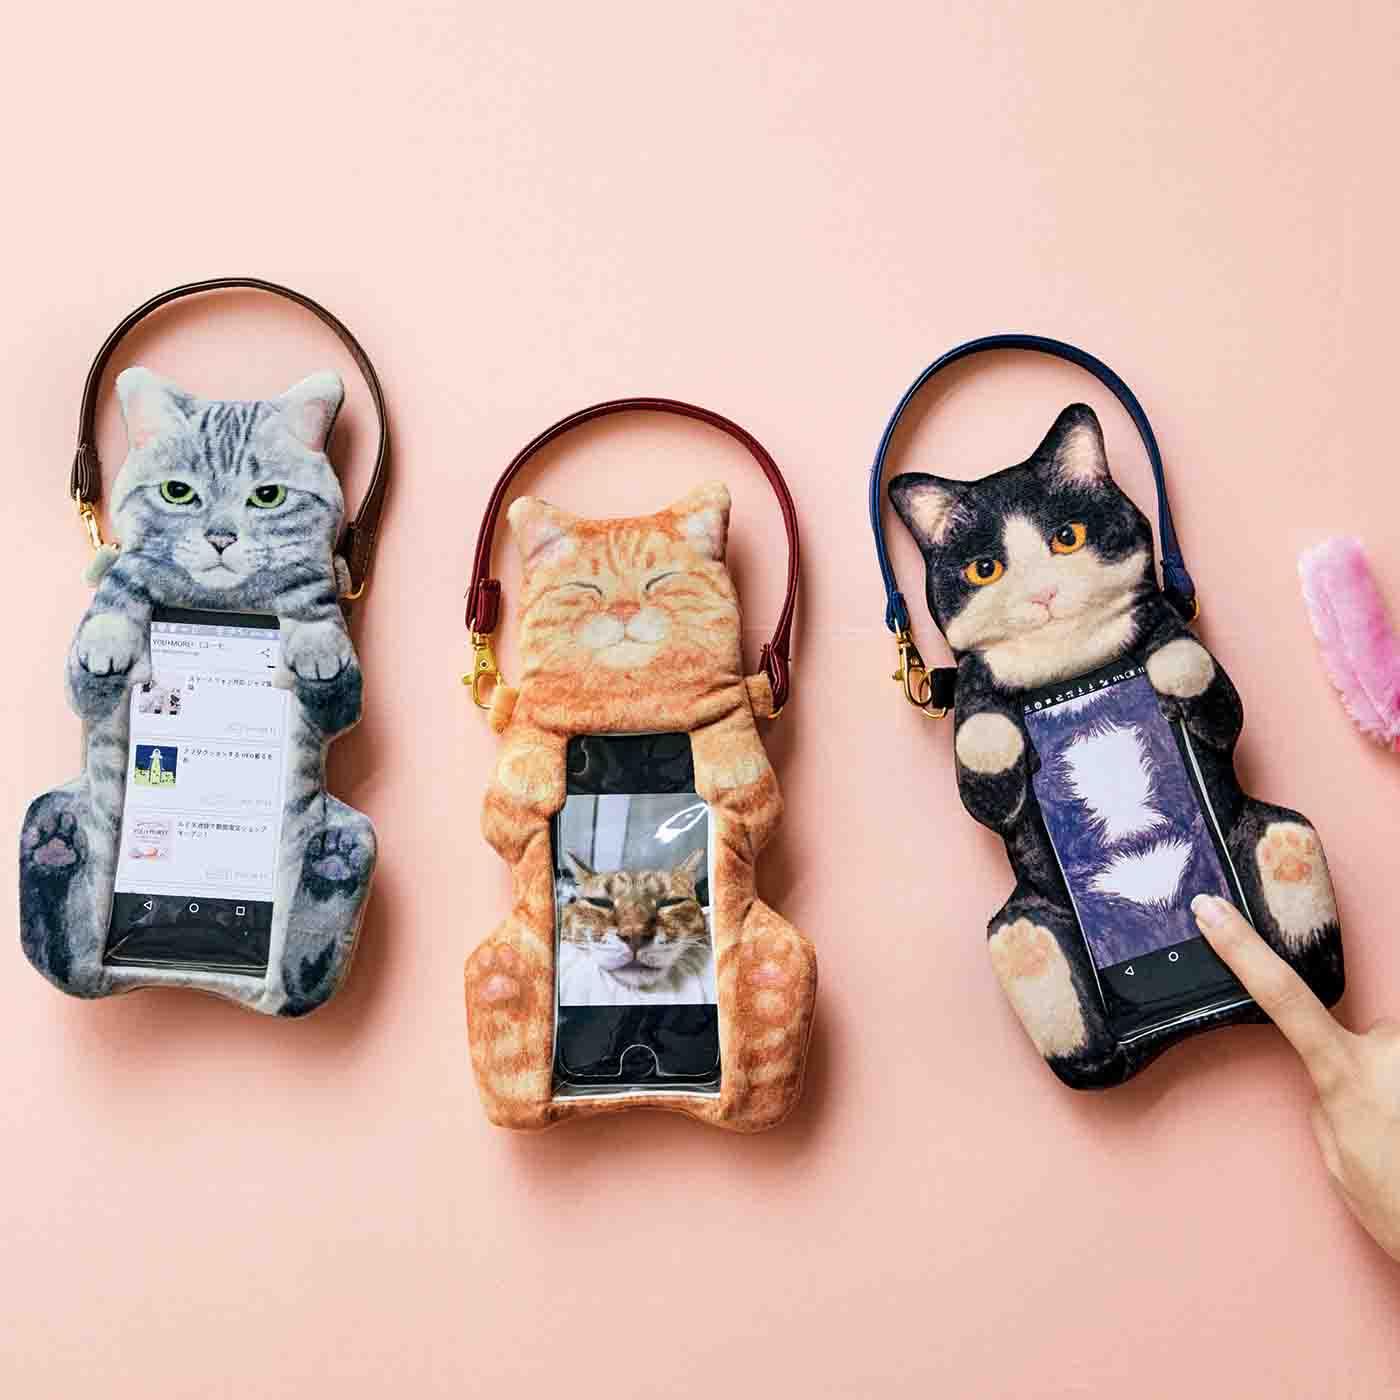 「フェリシモ猫部」は通販だけじゃない。保護活動、譲渡会まで行うって?